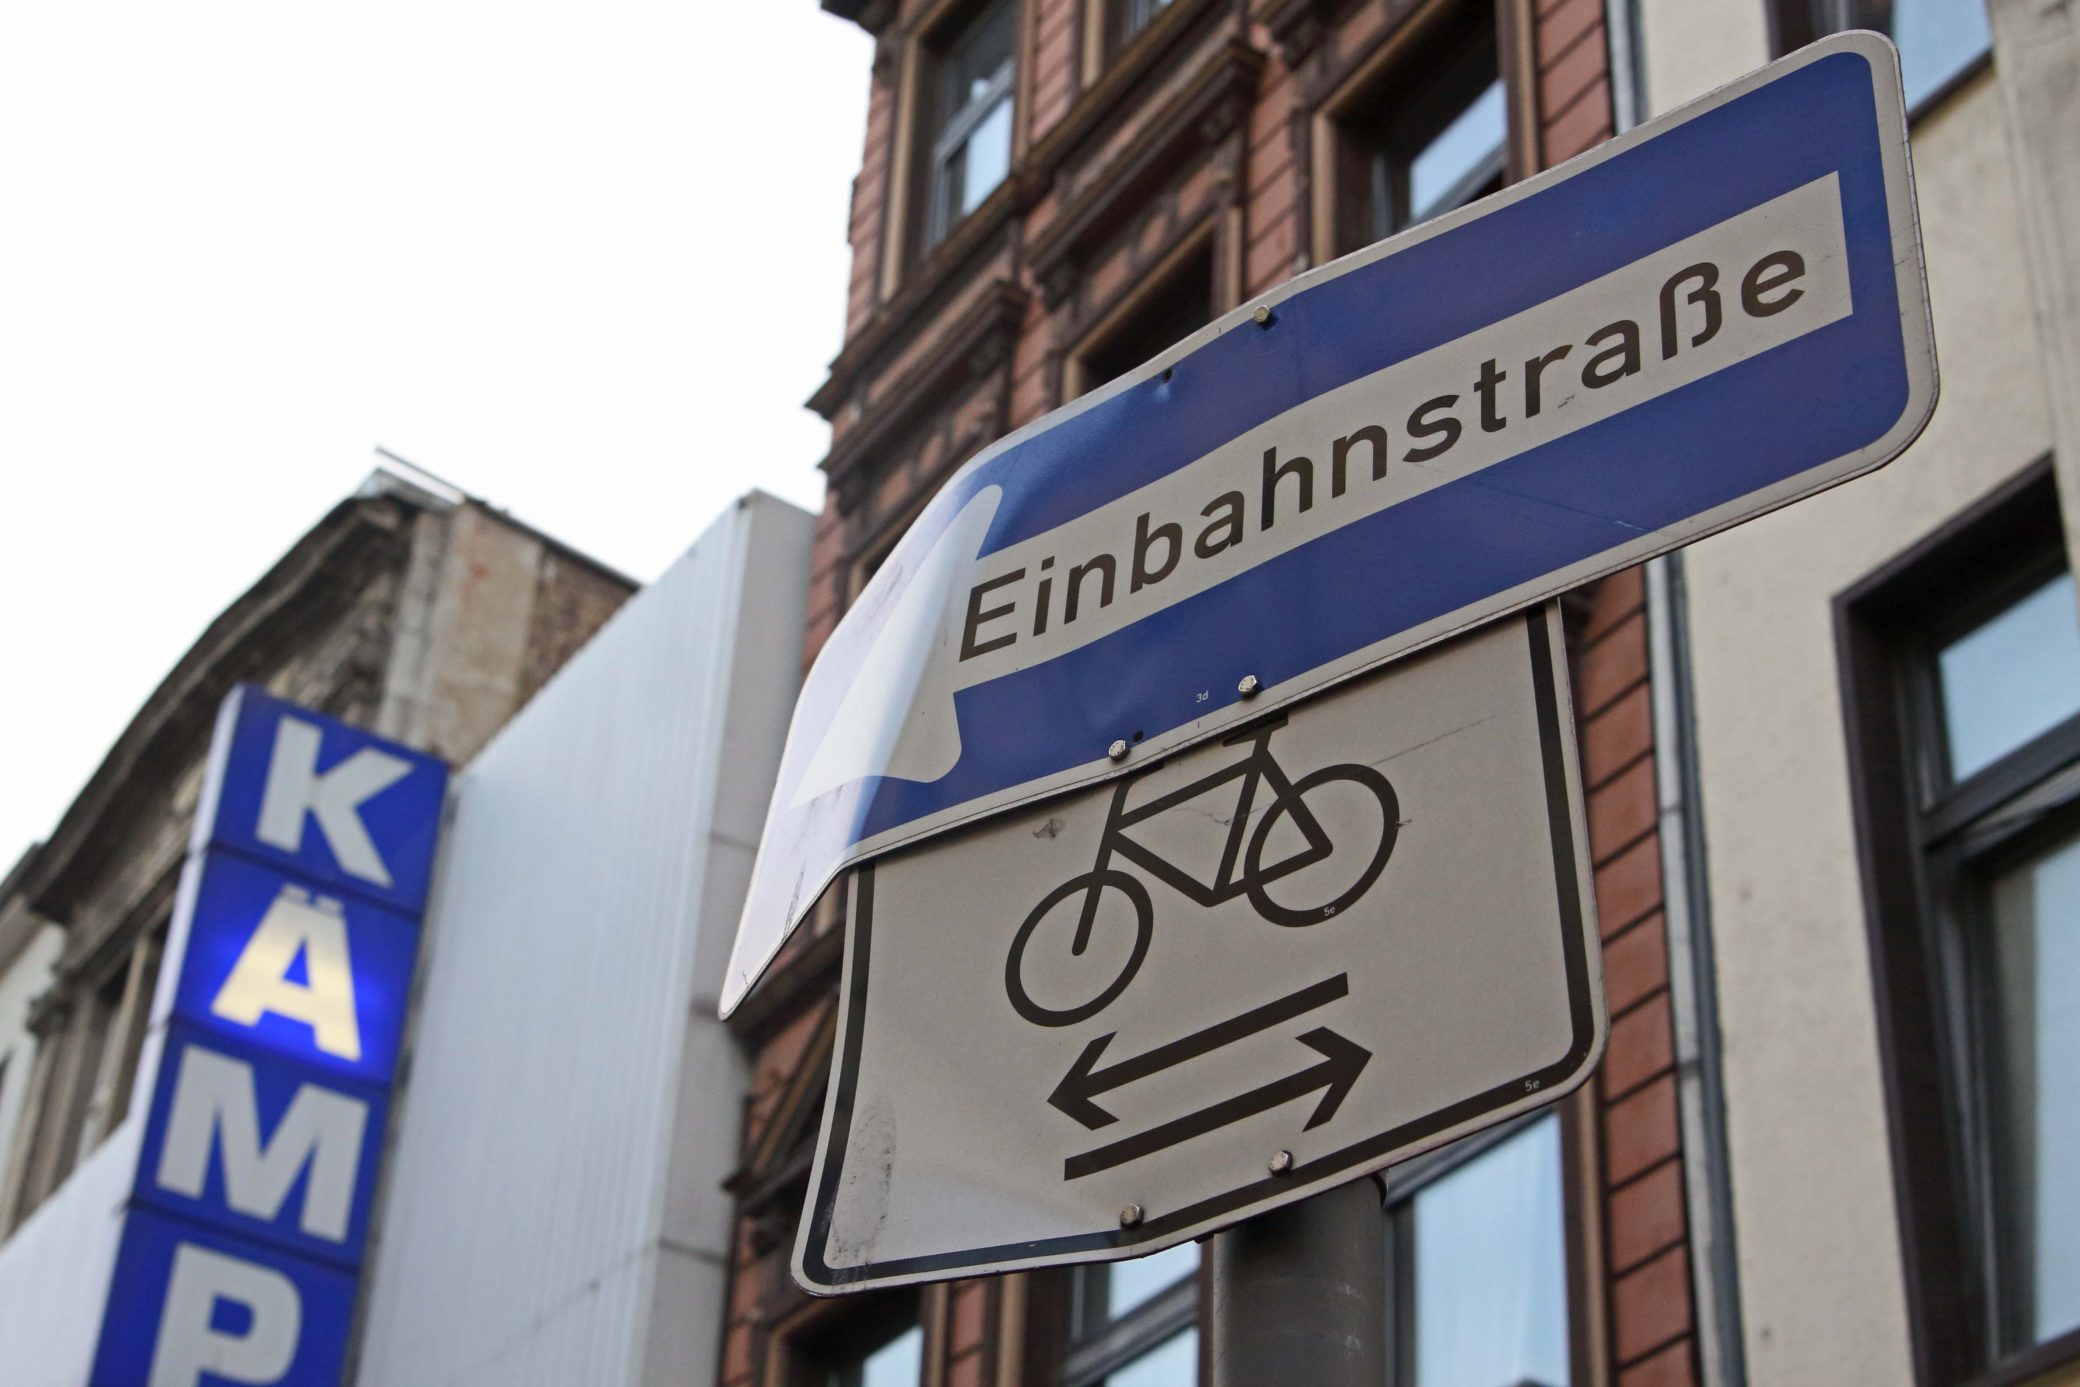 Einbahnstraße, Fahrradverkehr in beiden Richtungen.